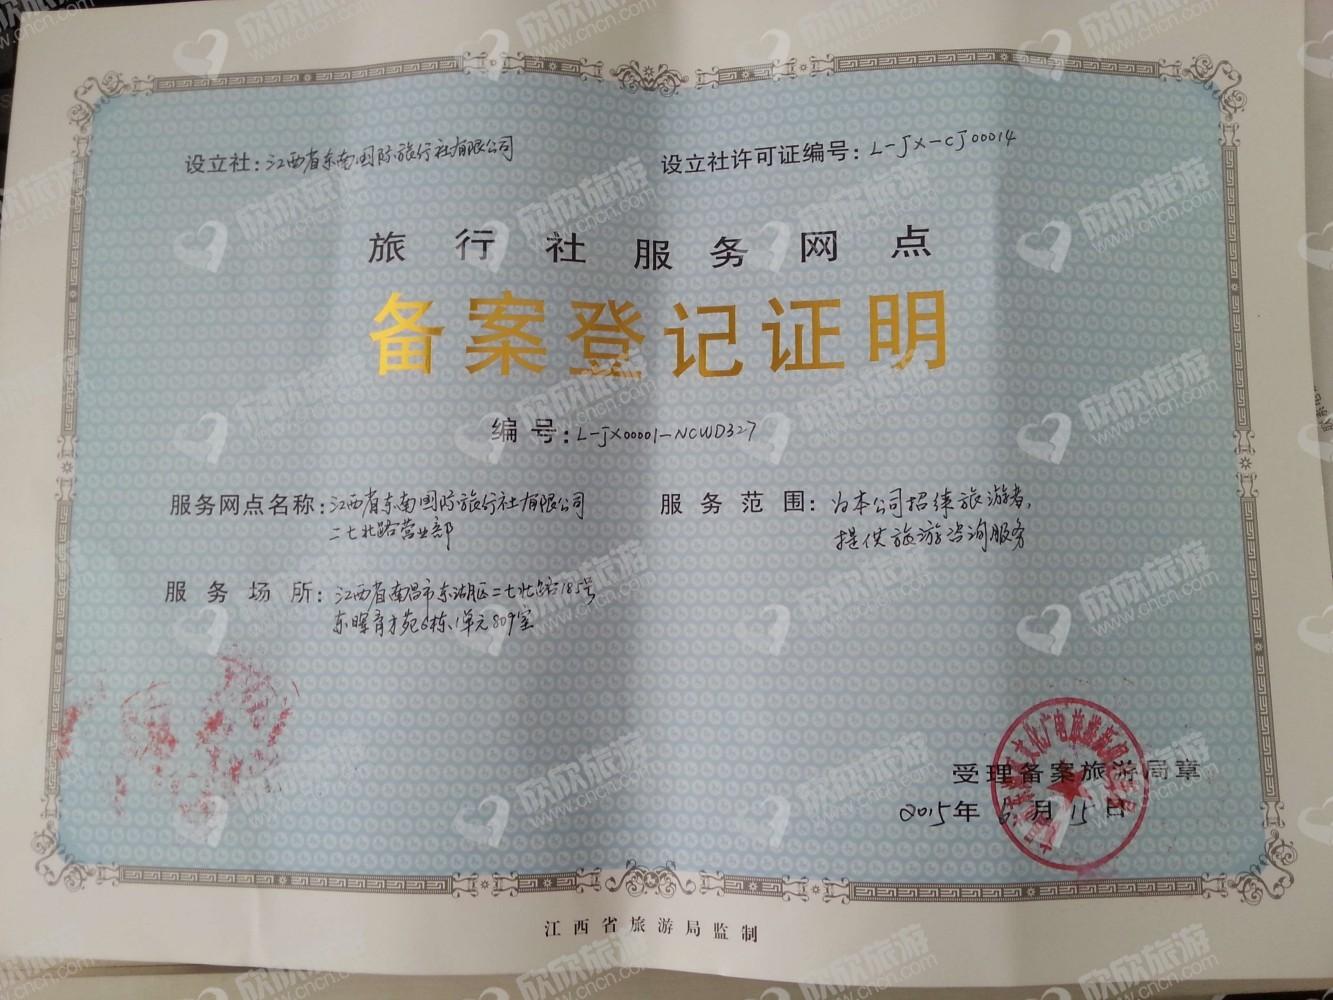 江西省东南国际旅行社有限公司二七北路营业部经营许可证